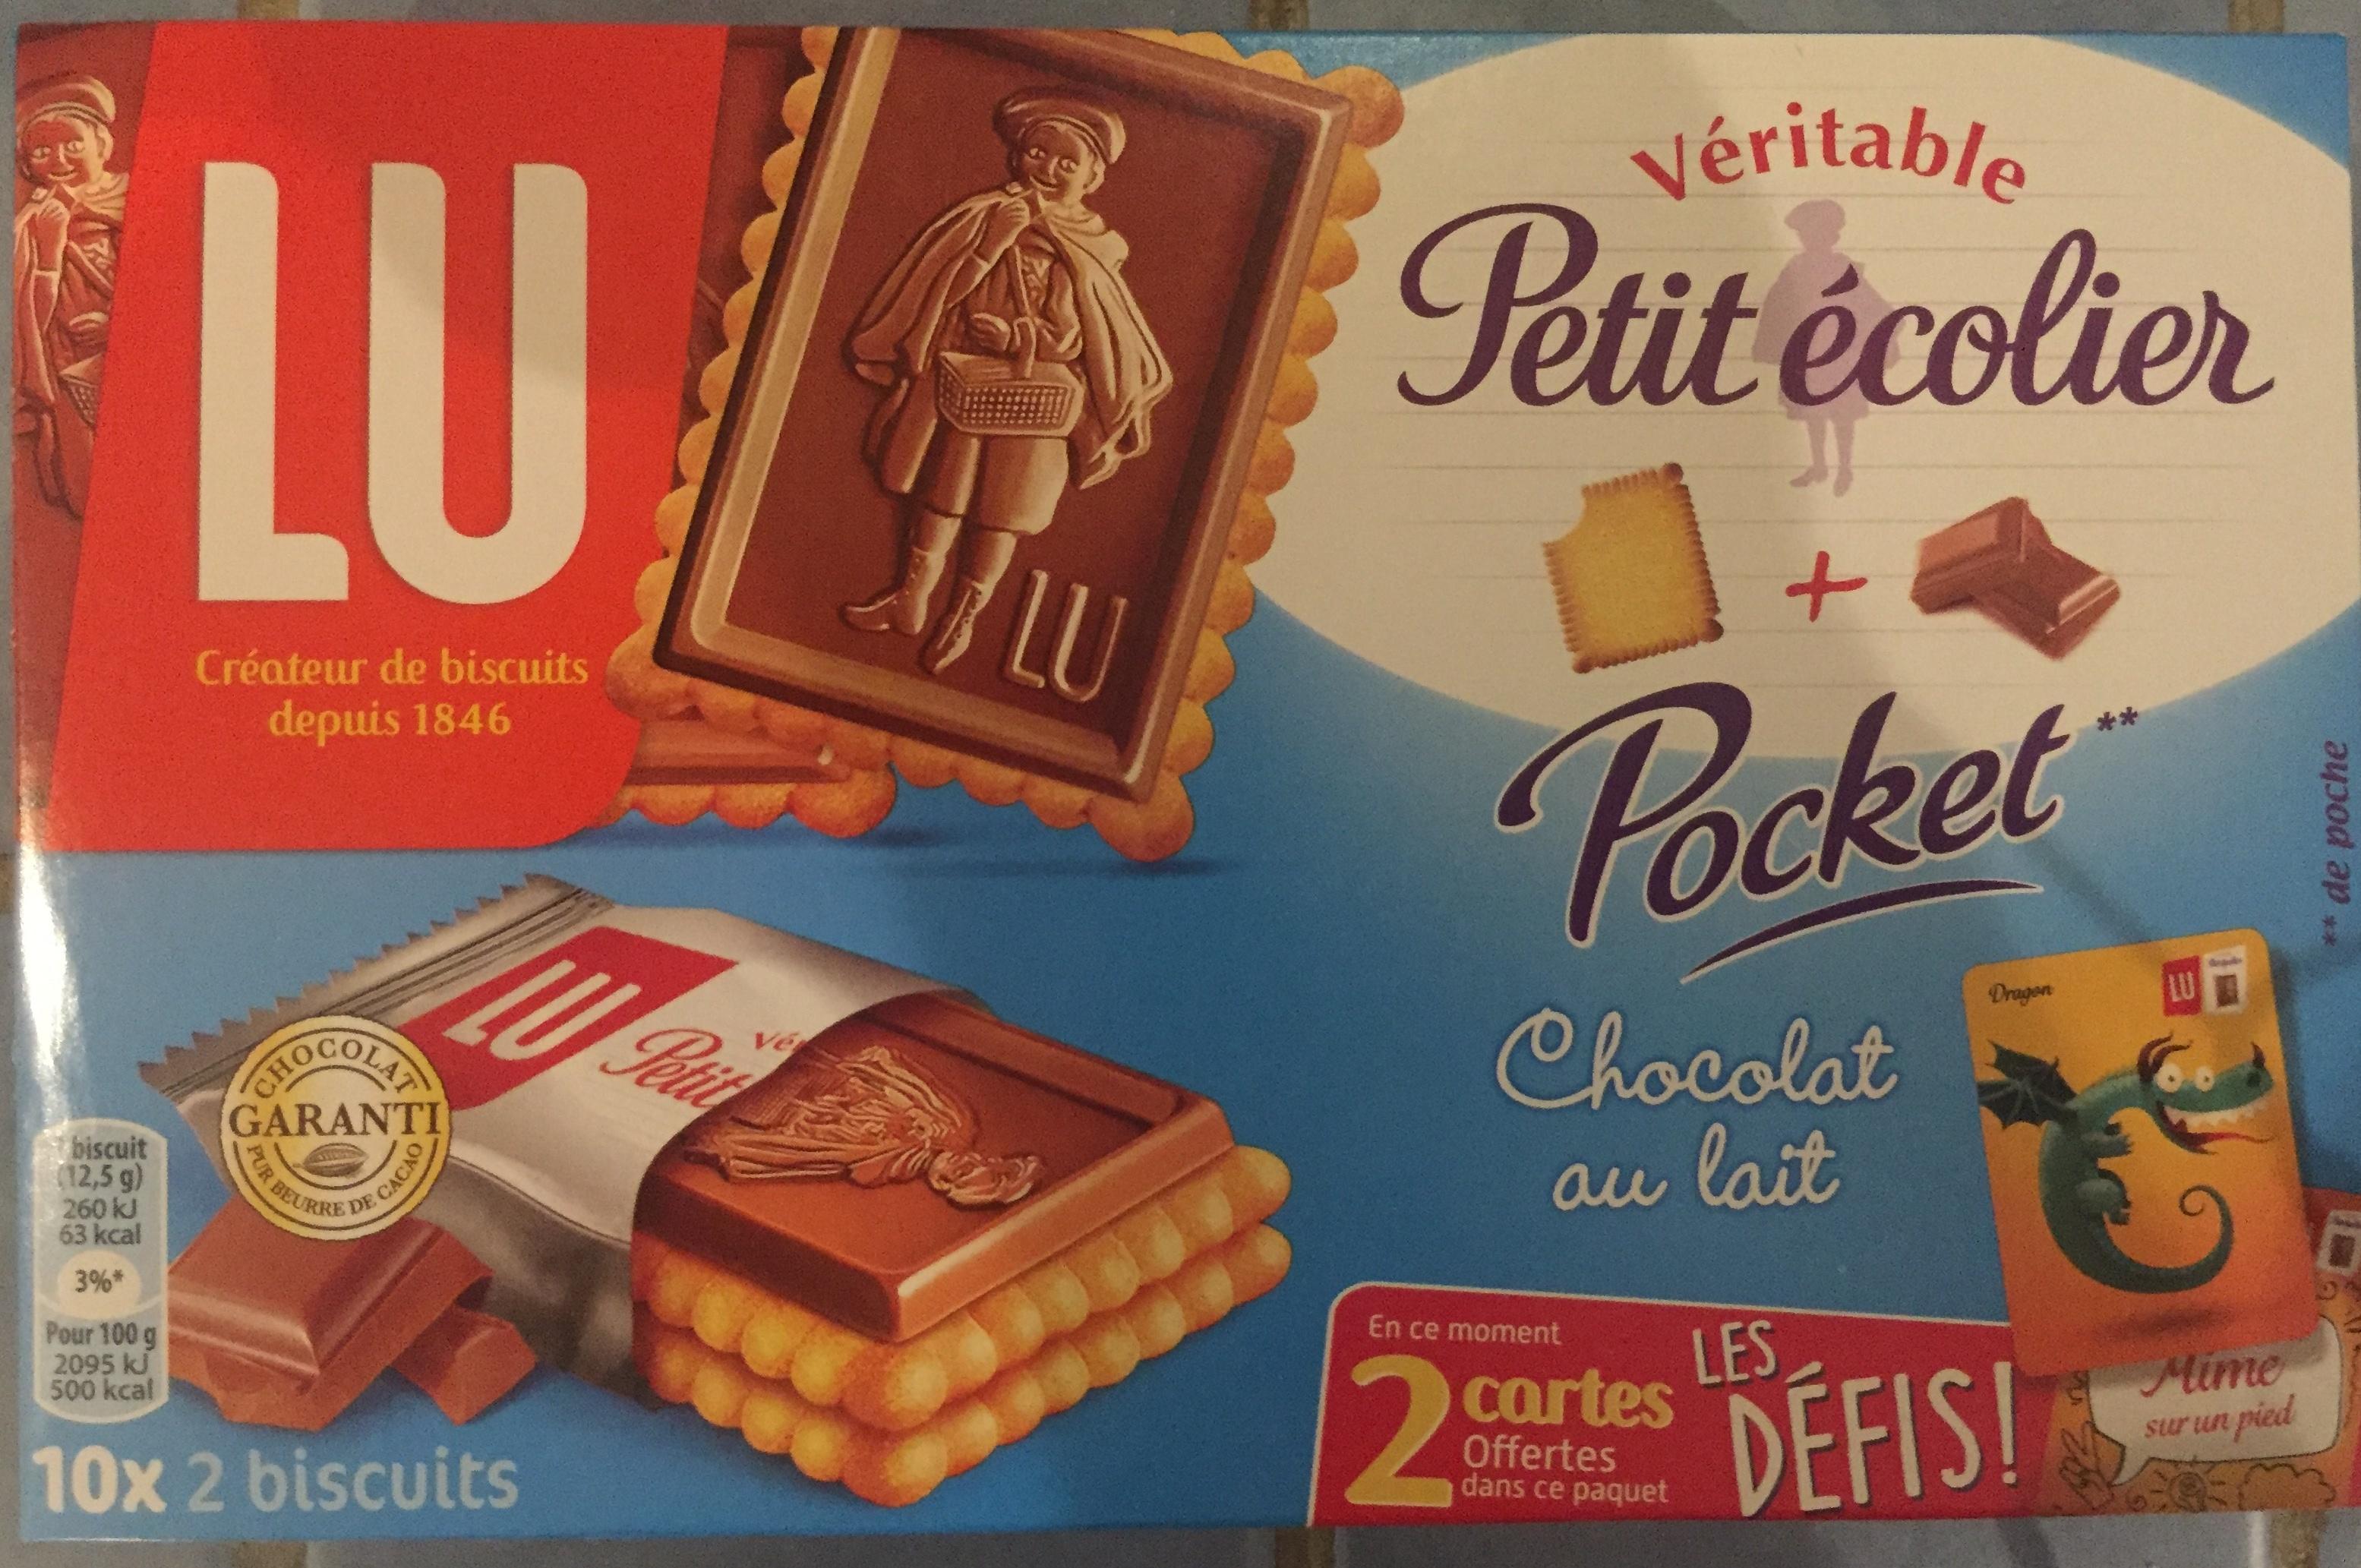 Véritable Petit écolier Pocket Chocolat au Lait - Product - fr